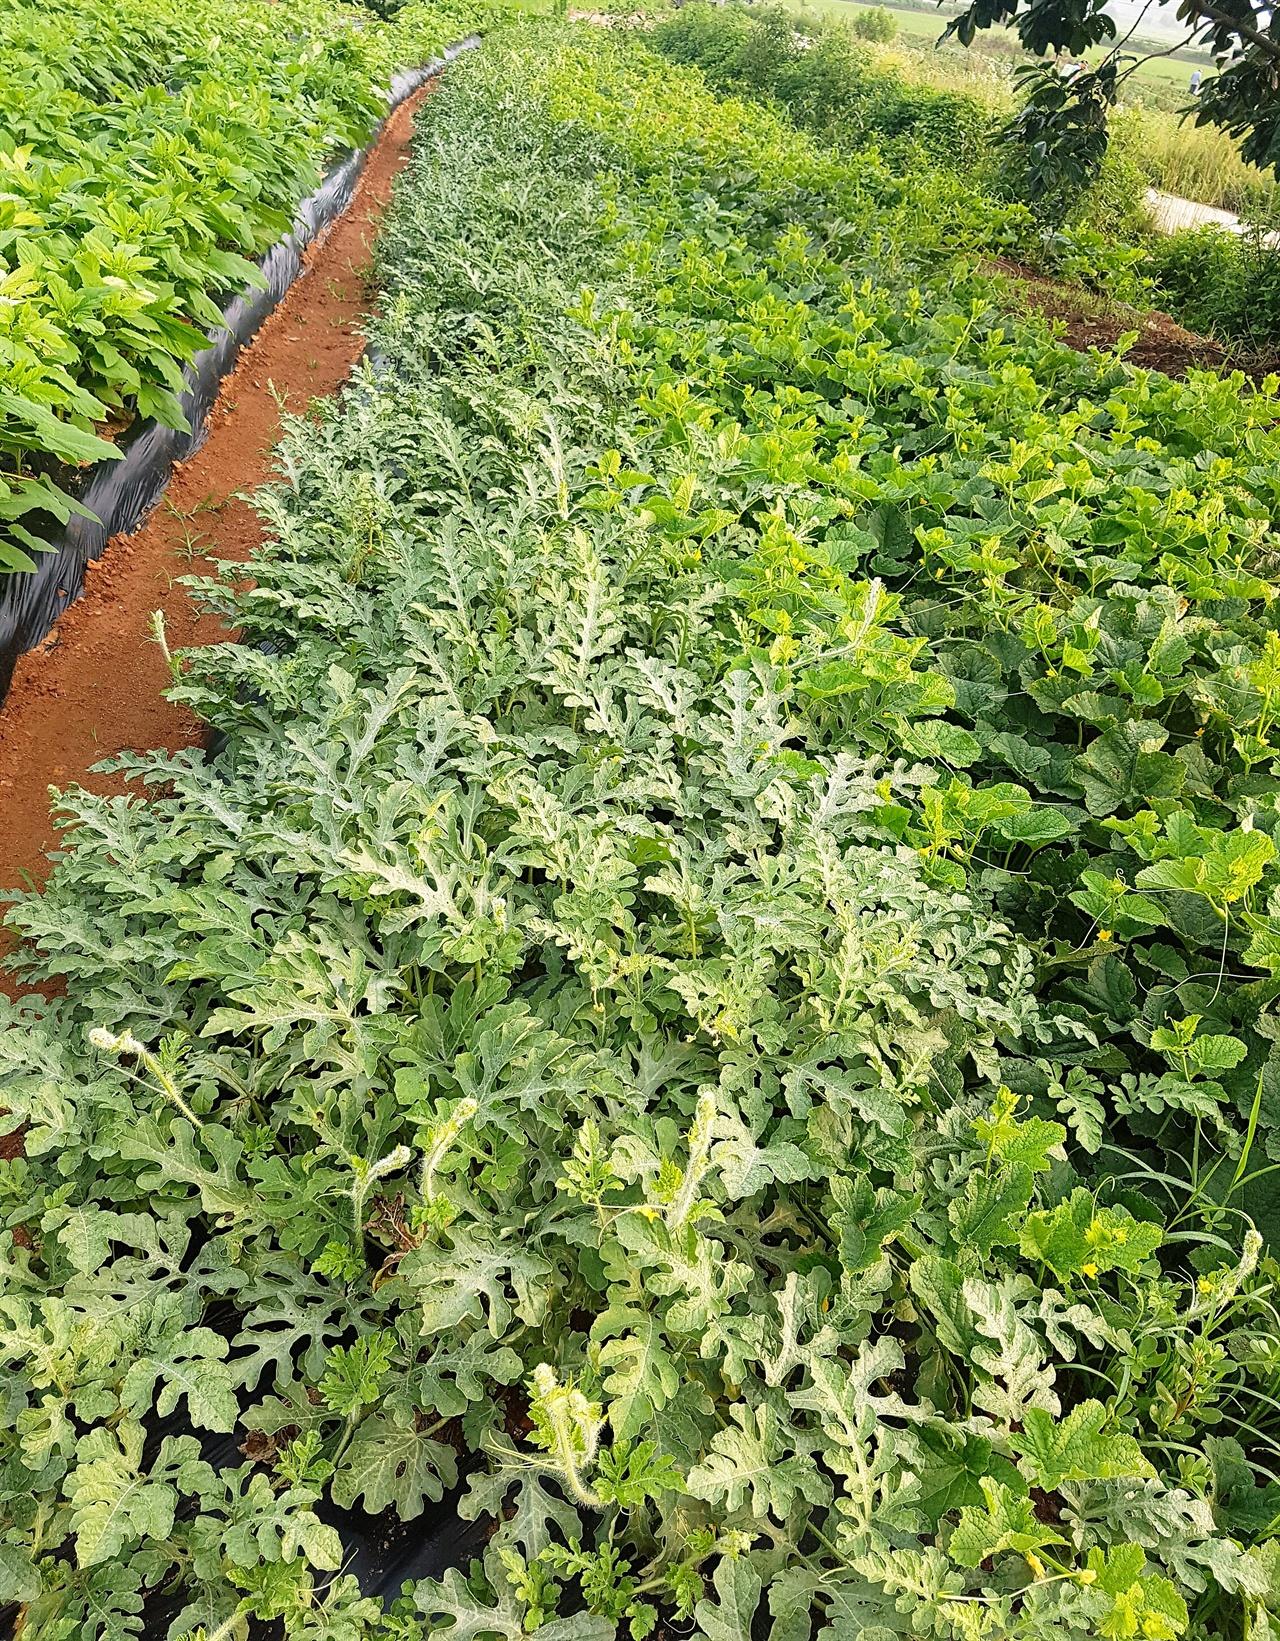 우리 수박밭과 참외밭입니다. 가뭄도 이기고 무성하게 자랐습니다.